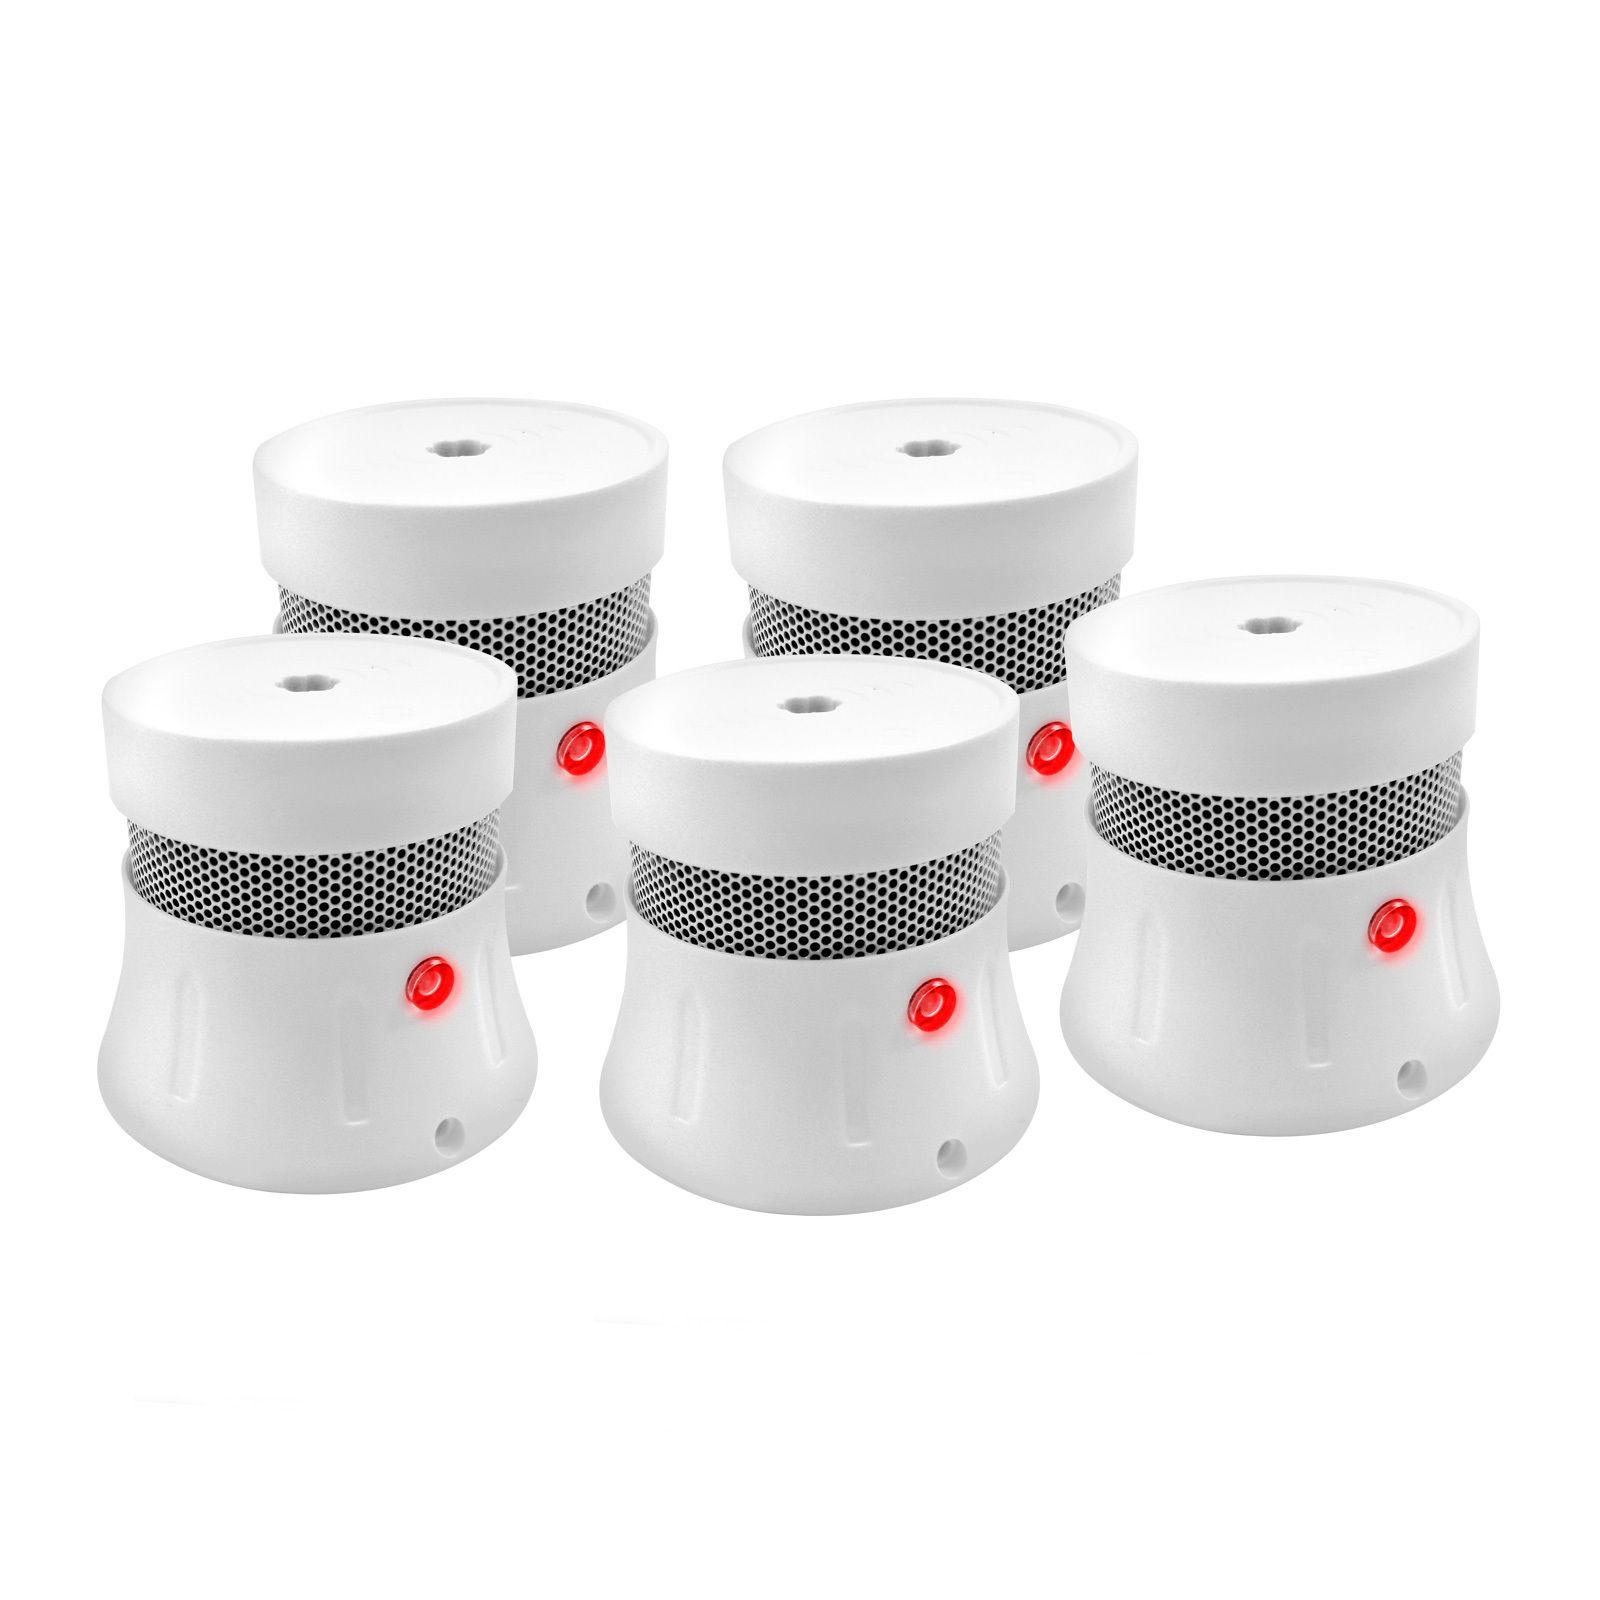 5 Stück Brennenstuhl Rauchmelder mit 5 Jahre Lithium Batterie EN14604 Feuermelder MINI